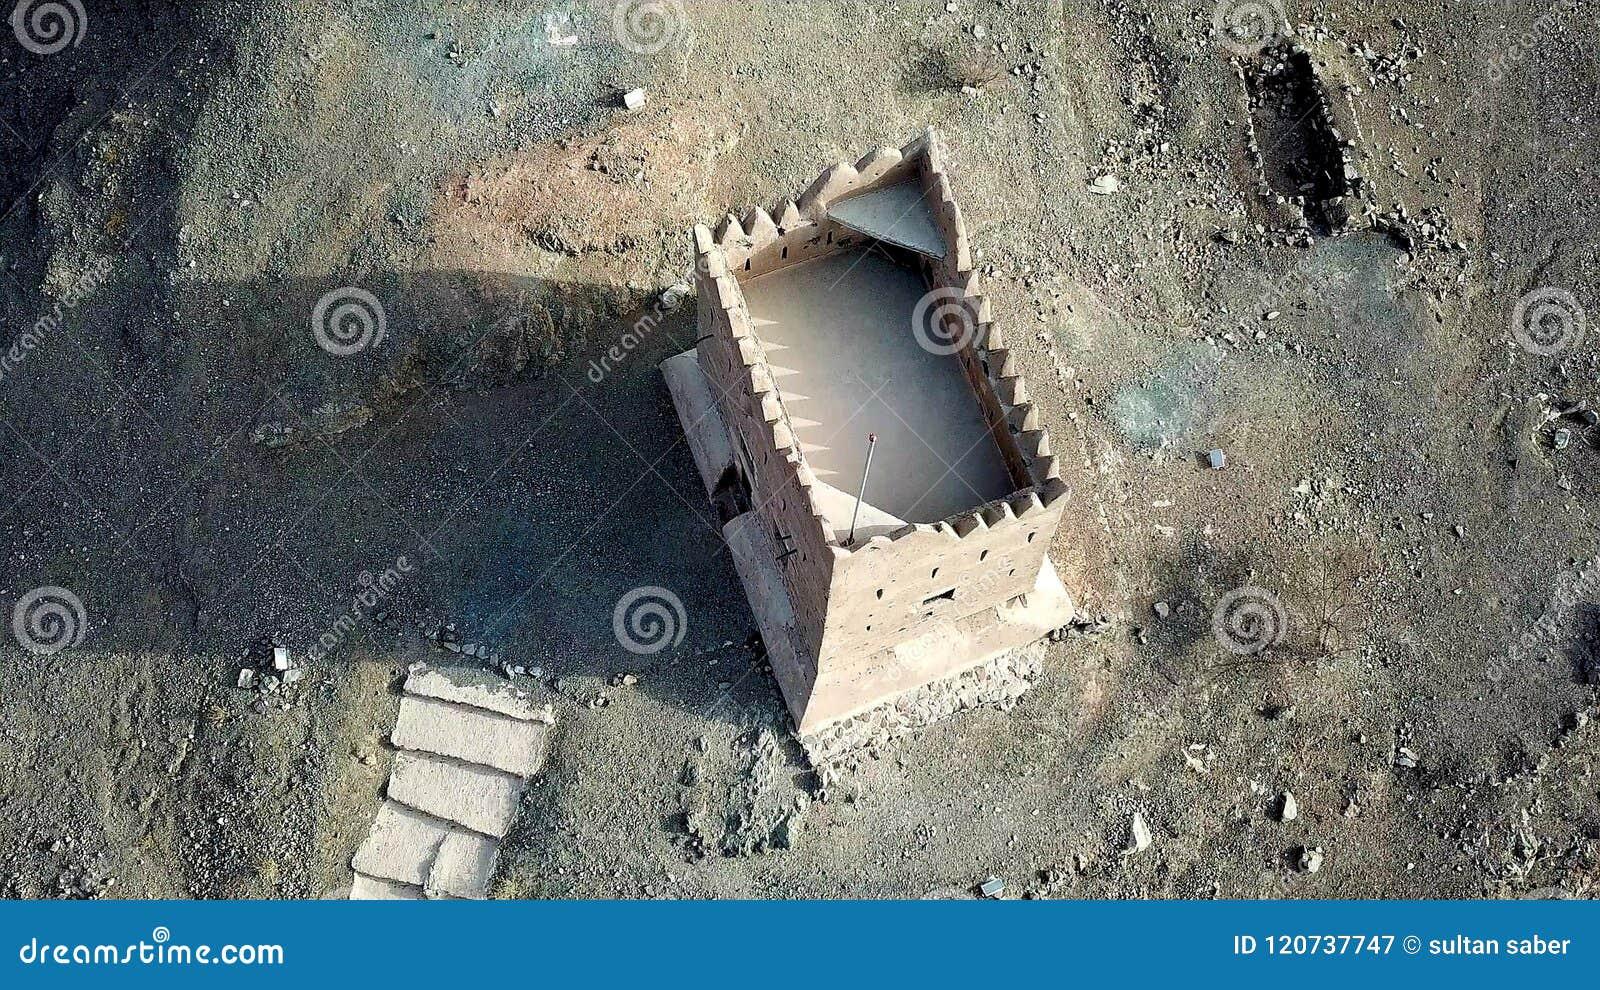 Al het hagel fujaiarh fort de V.A.E verenigde Arabische Emiraten Doubai een geschiedenis